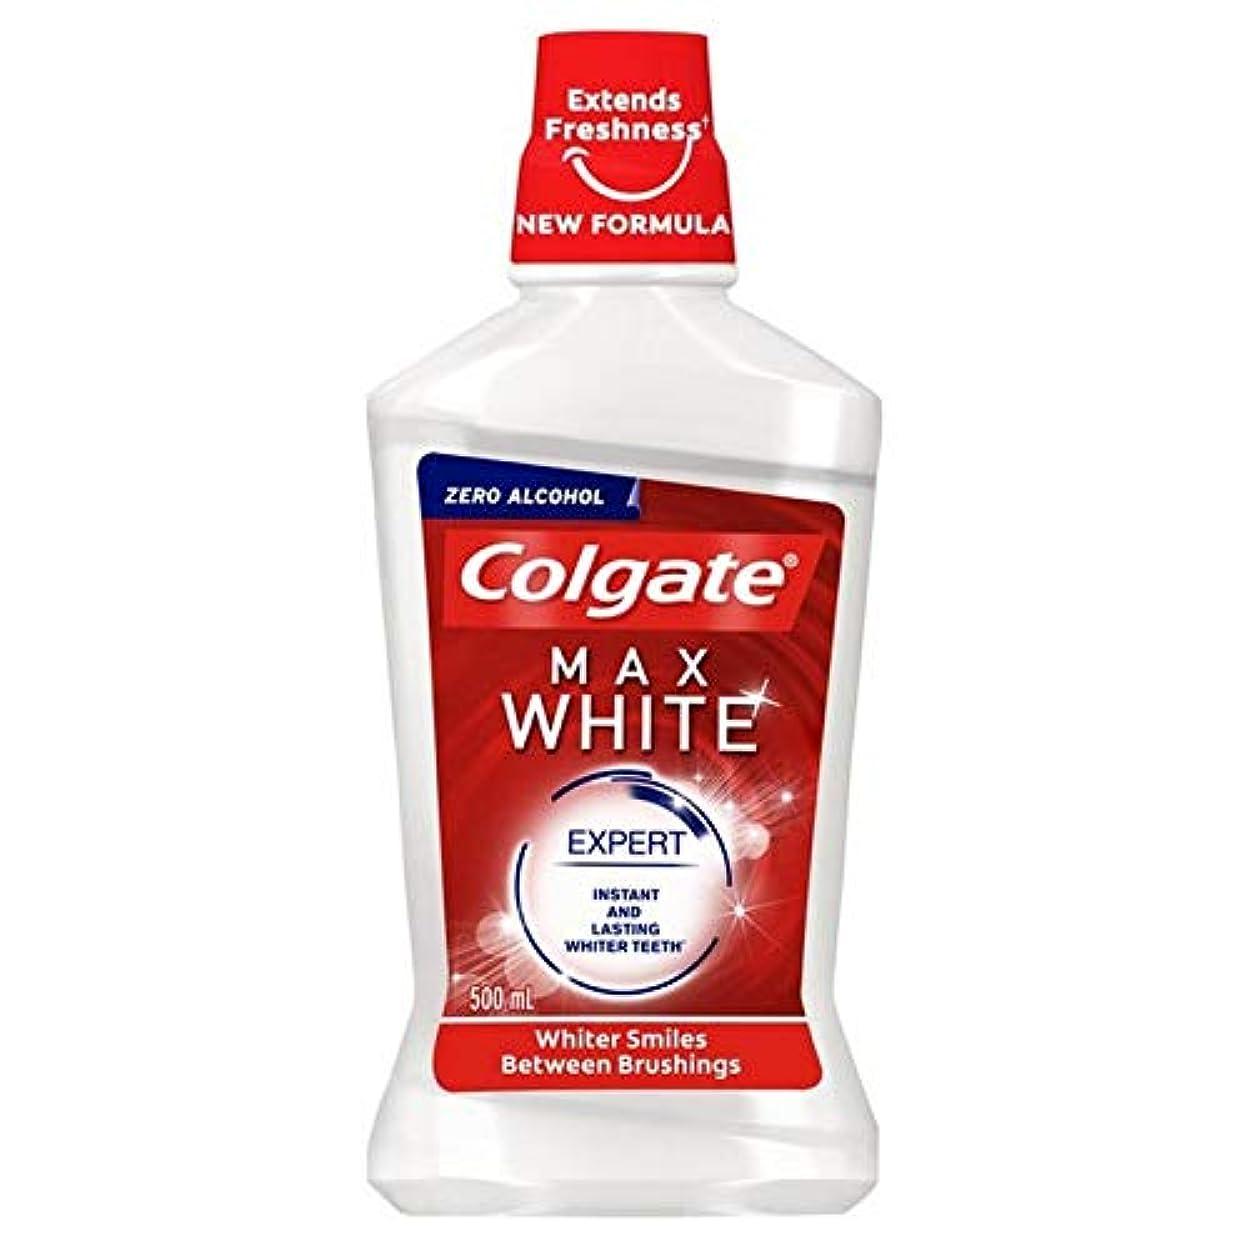 環境保護主義者北へ[Colgate ] コルゲートマックスホワイトホワイトニングマウスウォッシュ500ミリリットル - Colgate Max White Whitening Mouthwash 500ml [並行輸入品]